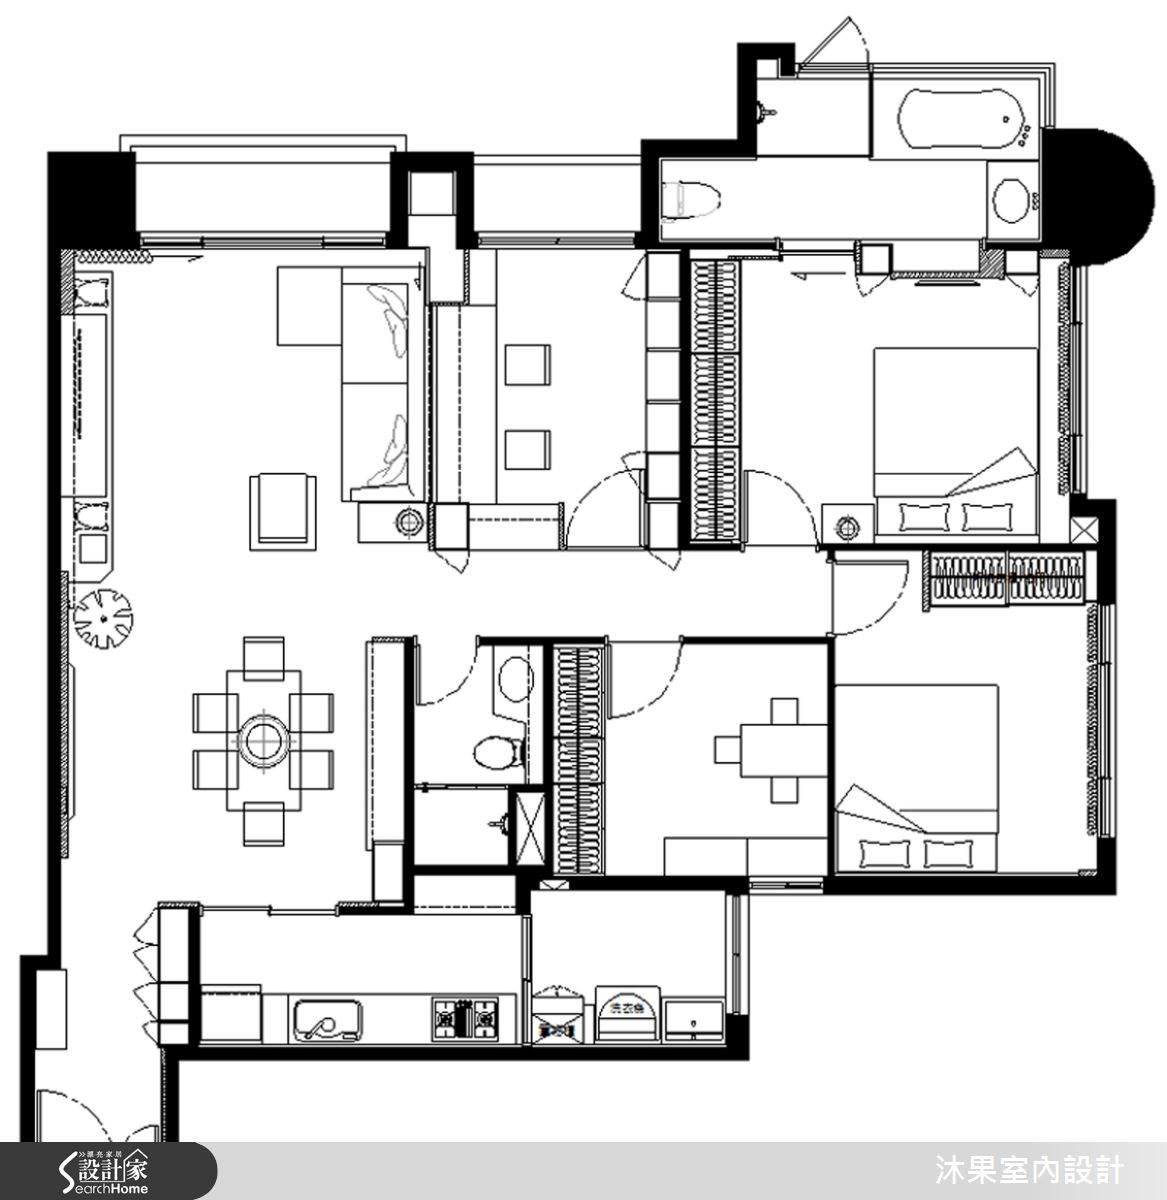 45坪新成屋(5年以下)_現代風案例圖片_沐果室內設計有限公司_沐果_08之13